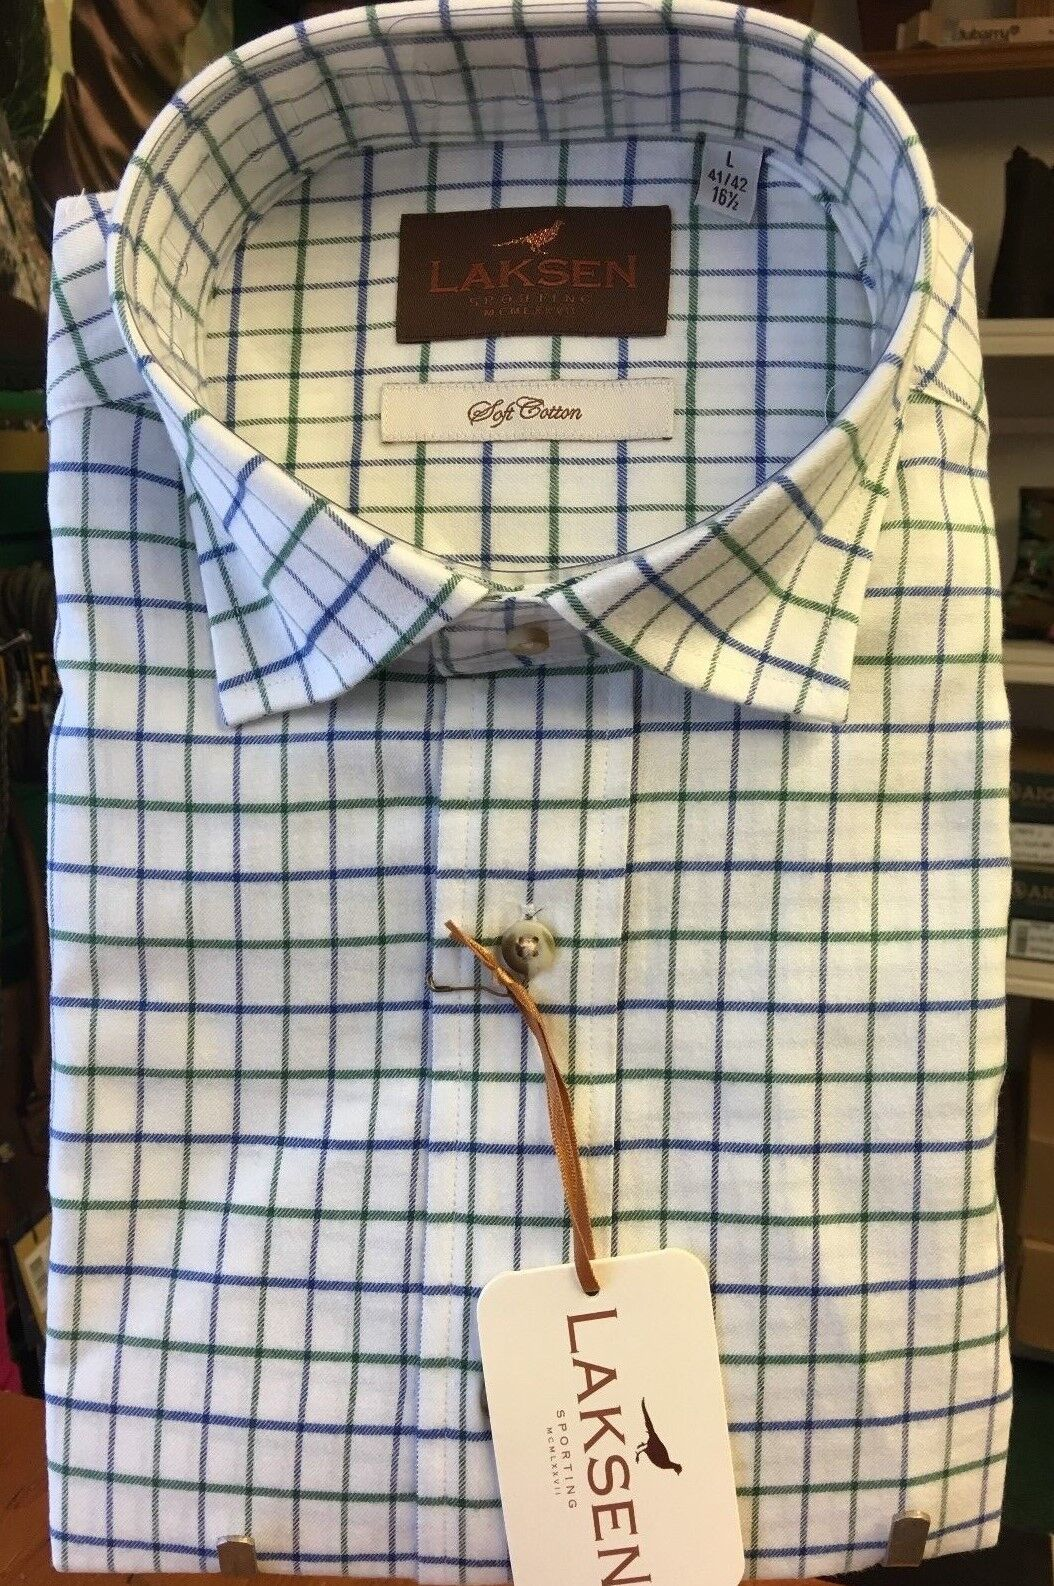 Laksen Bill Tattersall Soft Cotton Sporting Shirt Field Green Azure bluee